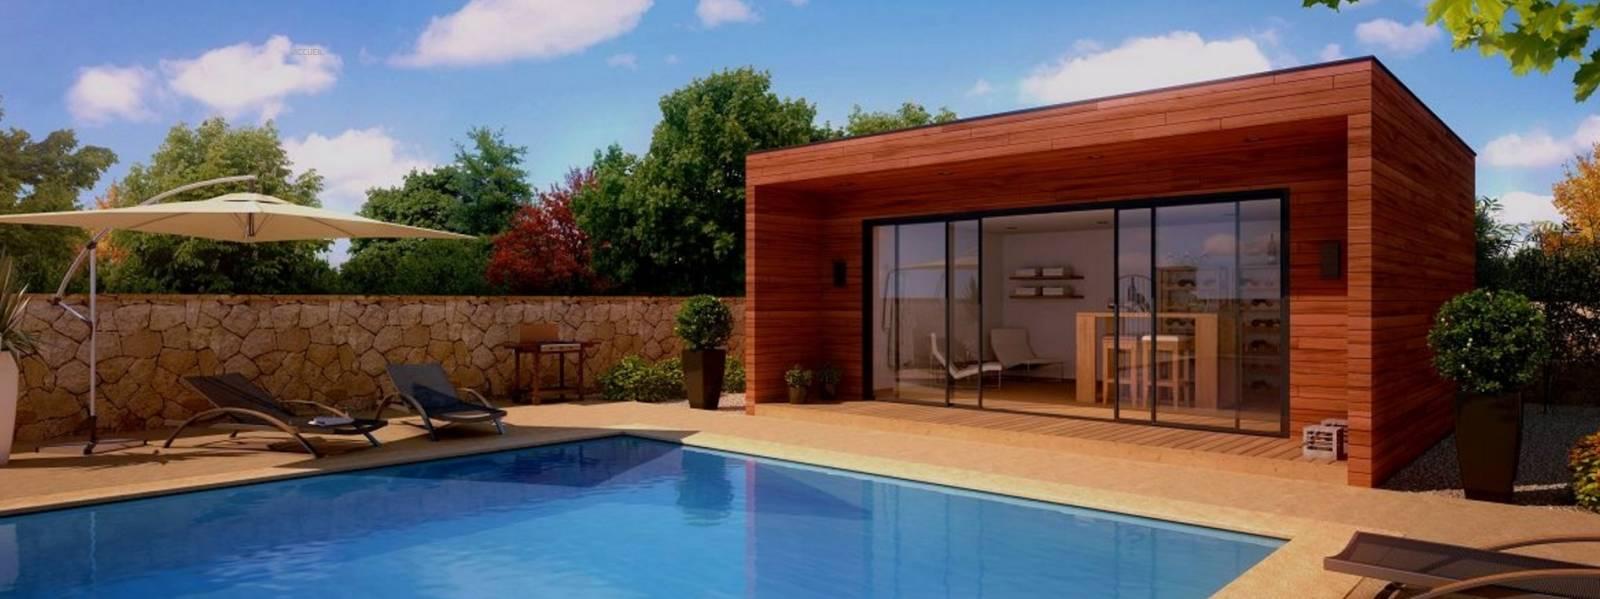 Construire Un Pool House construction d'un pool house en bois à bordeaux